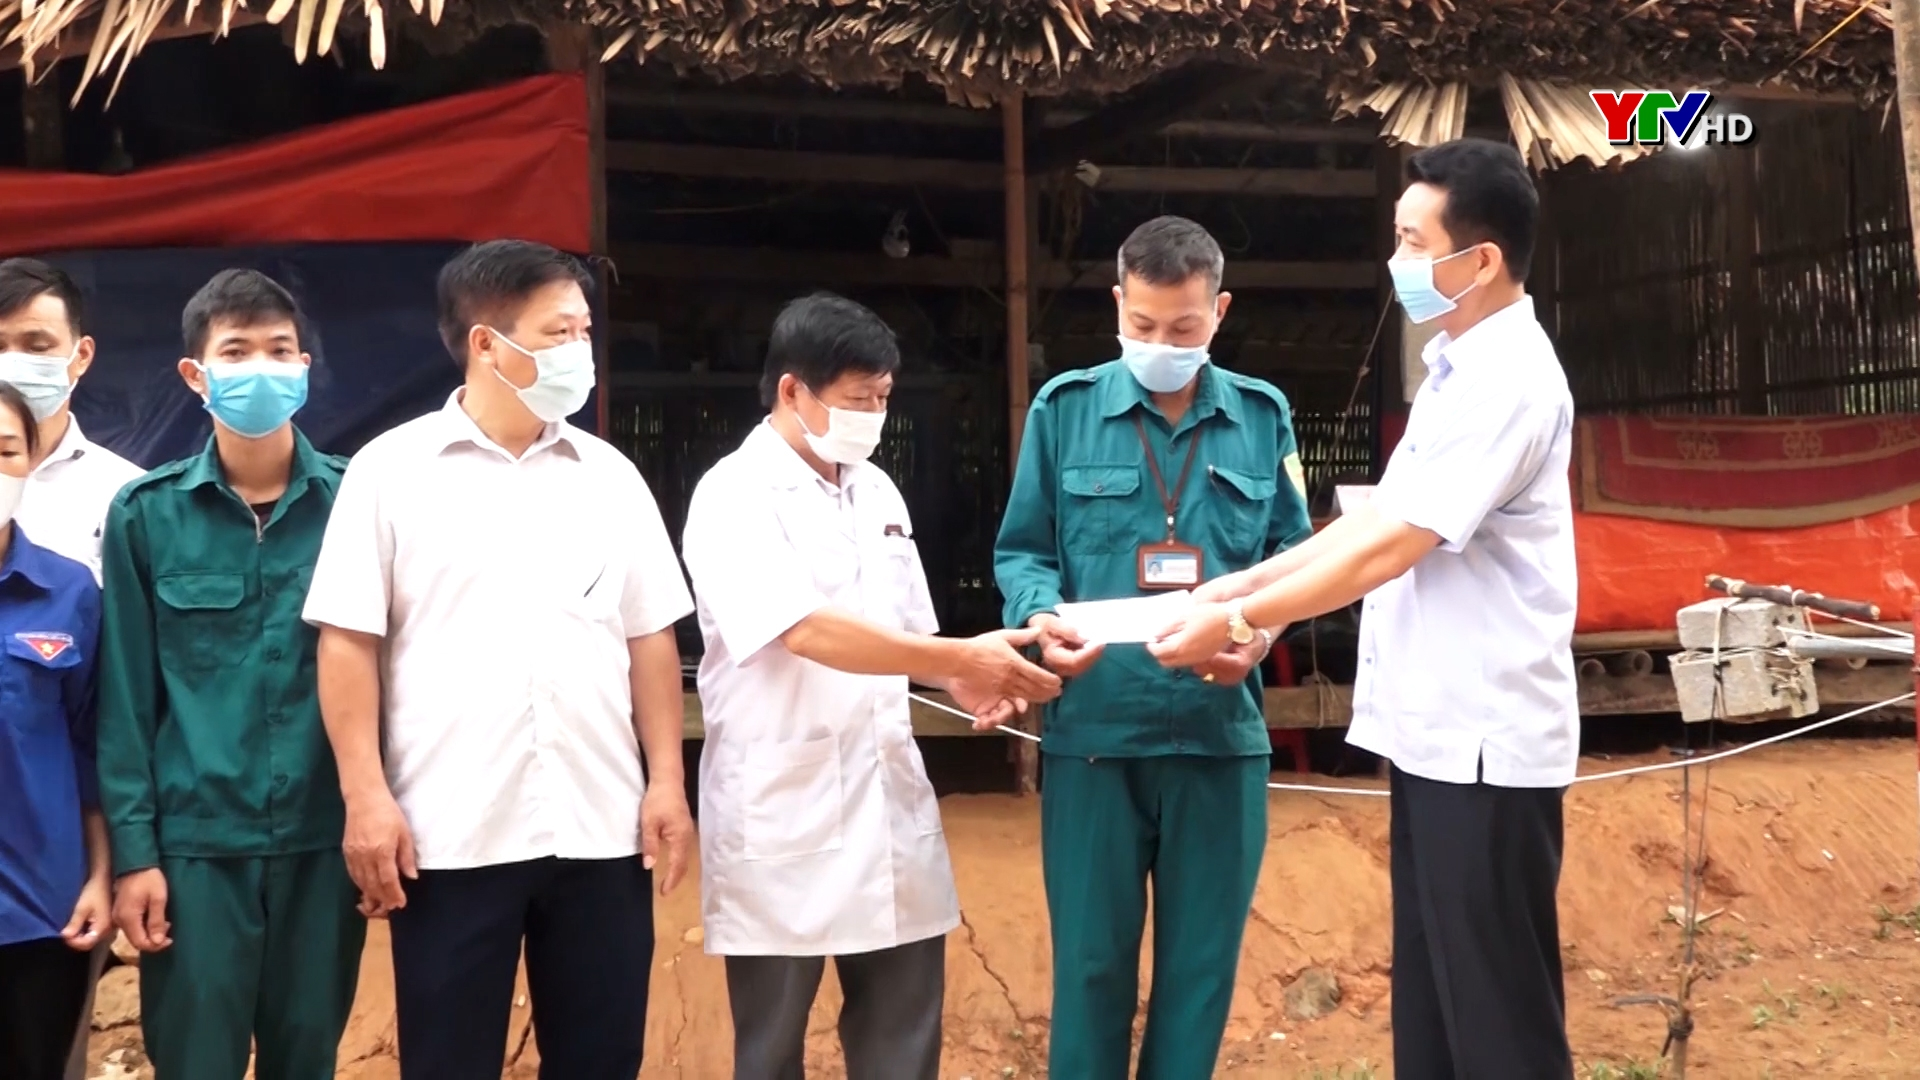 Lục Yên hỗ trợ 50 triệu đồng cho các chốt kiểm soát phòng, chống COVID - 19